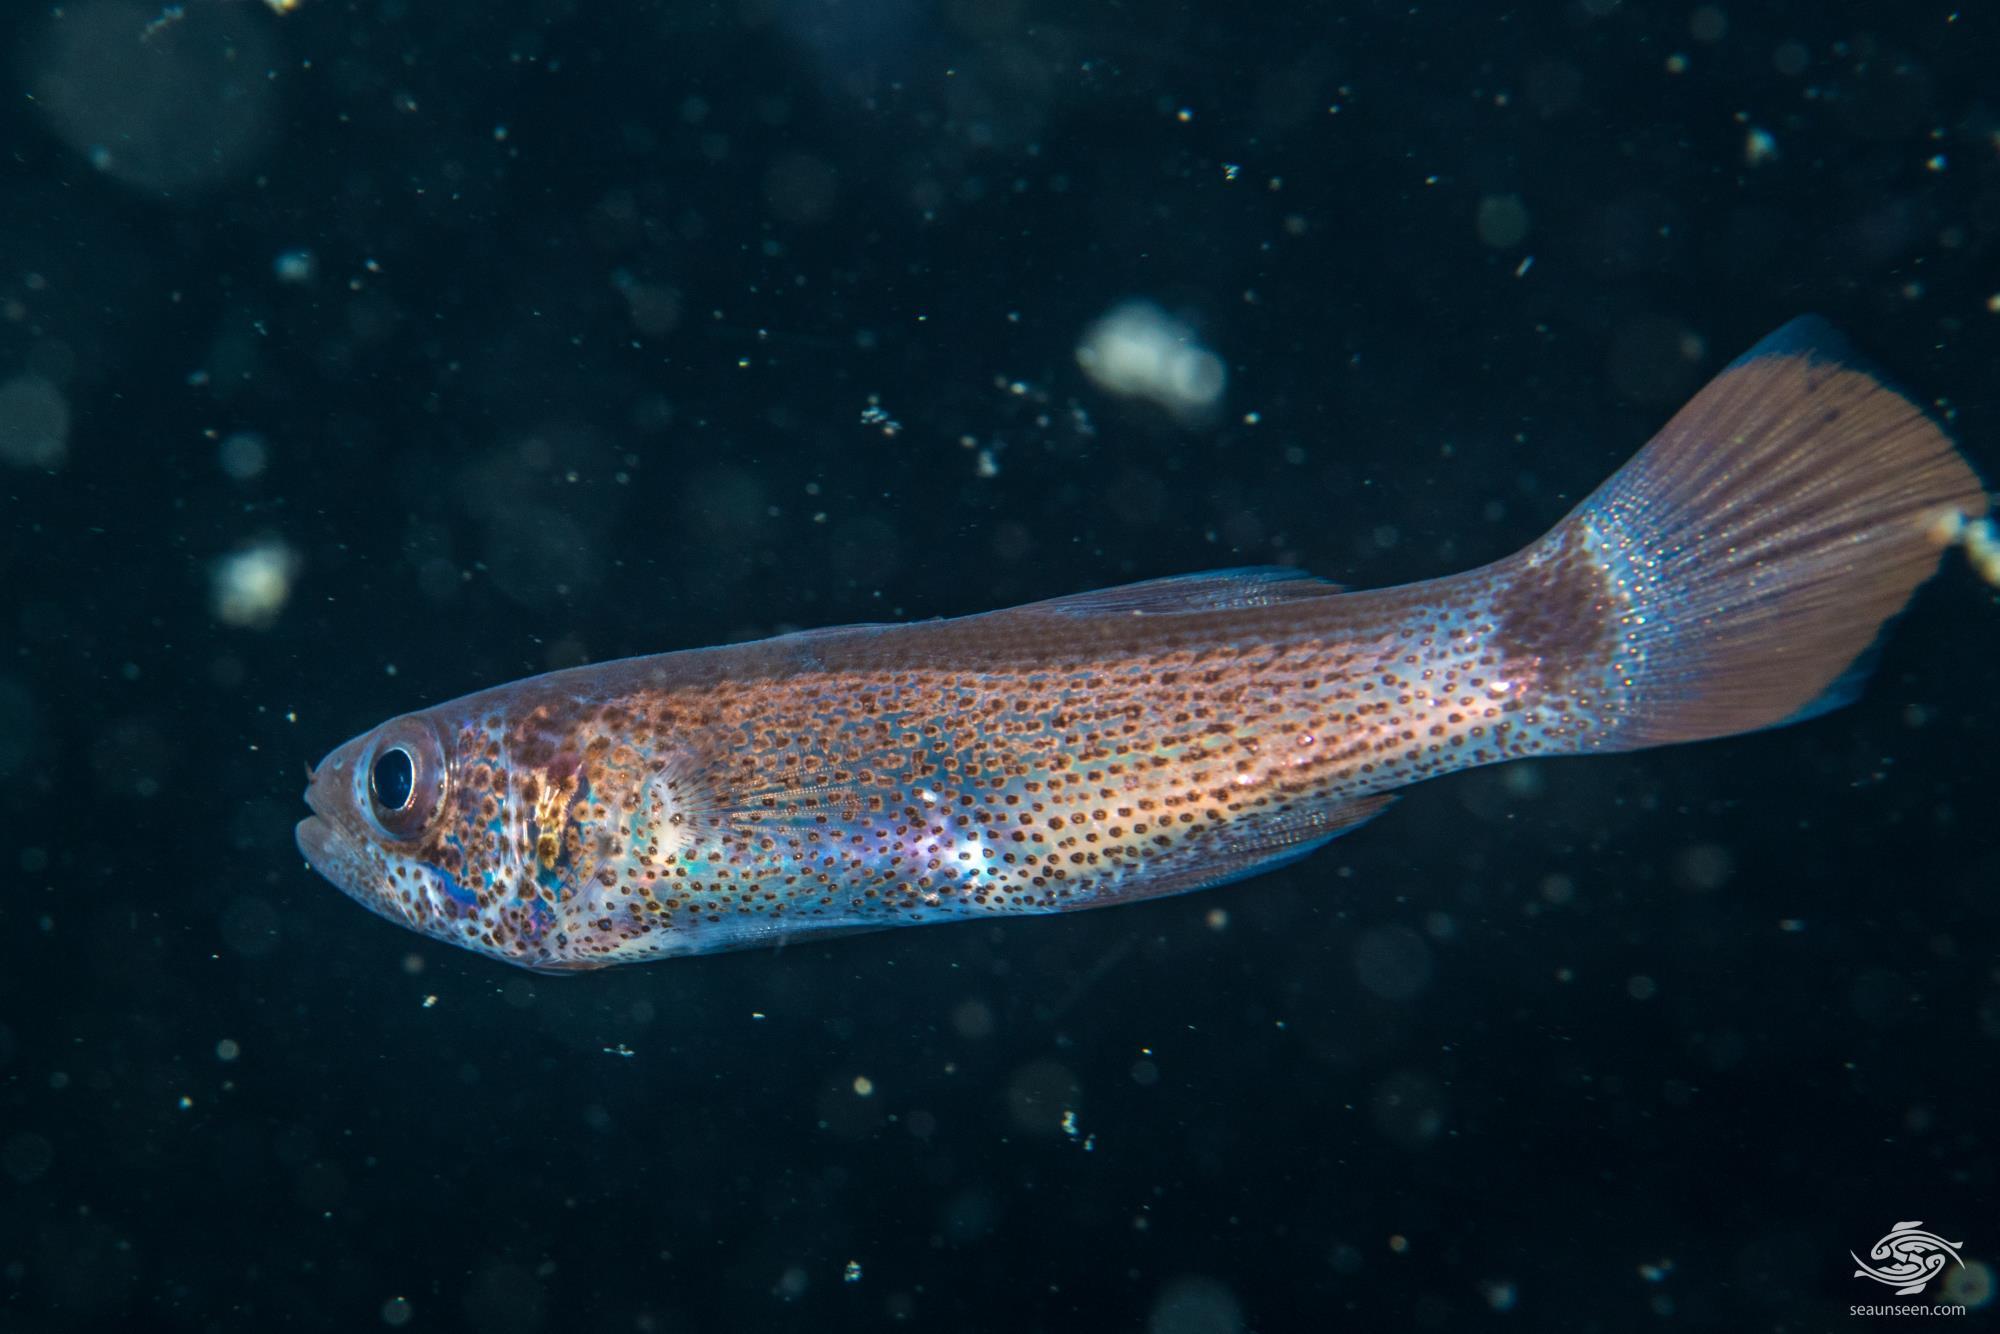 Gelatinous cardinalfish (Pseudamia gelatinosa)